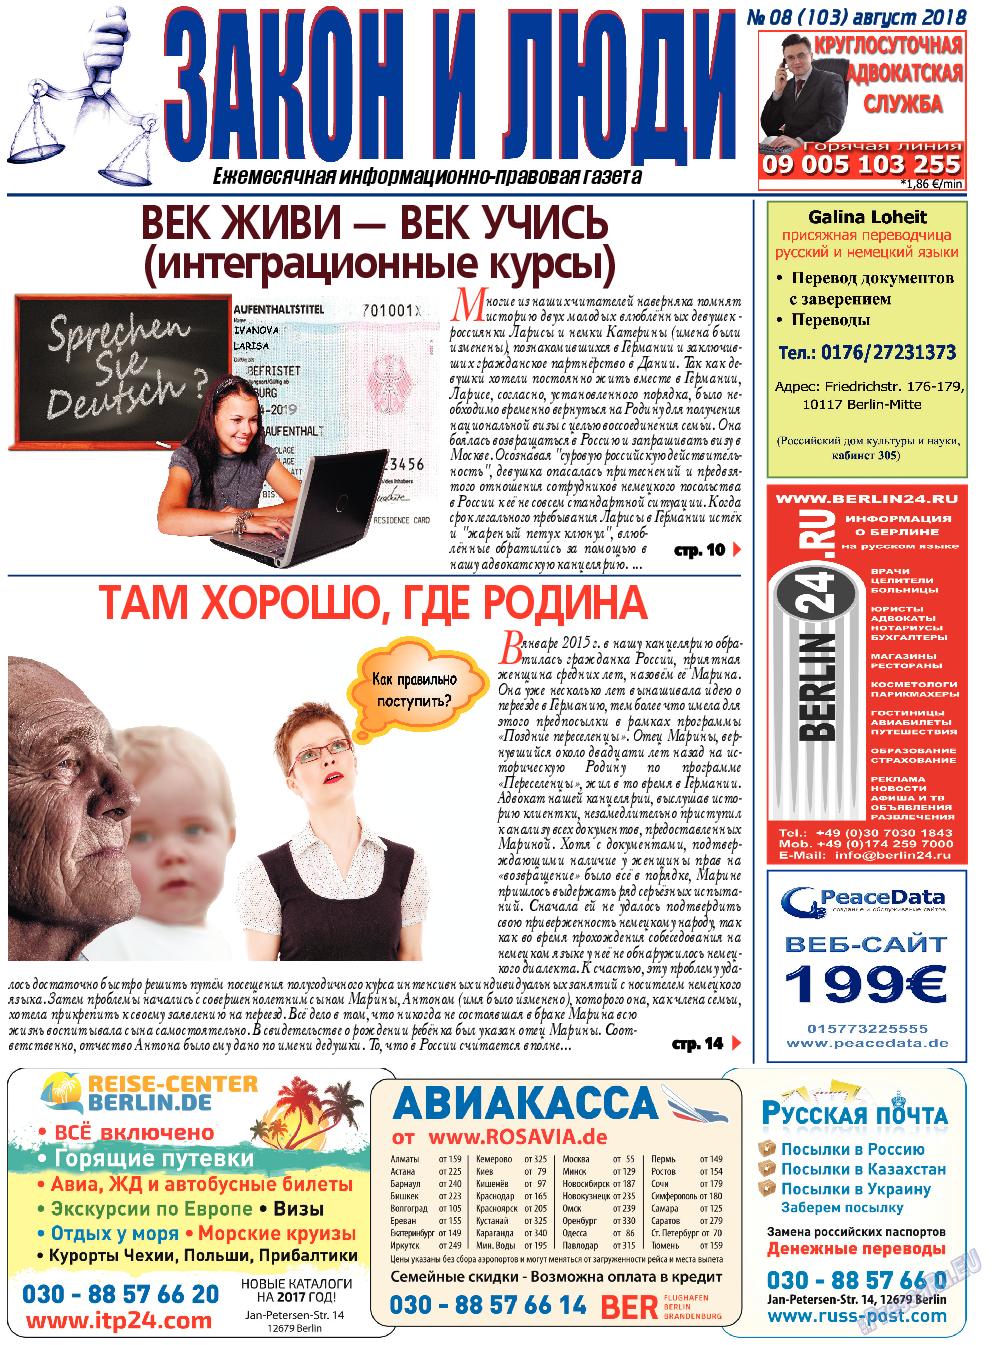 Закон и люди (газета). 2018 год, номер 8, стр. 1